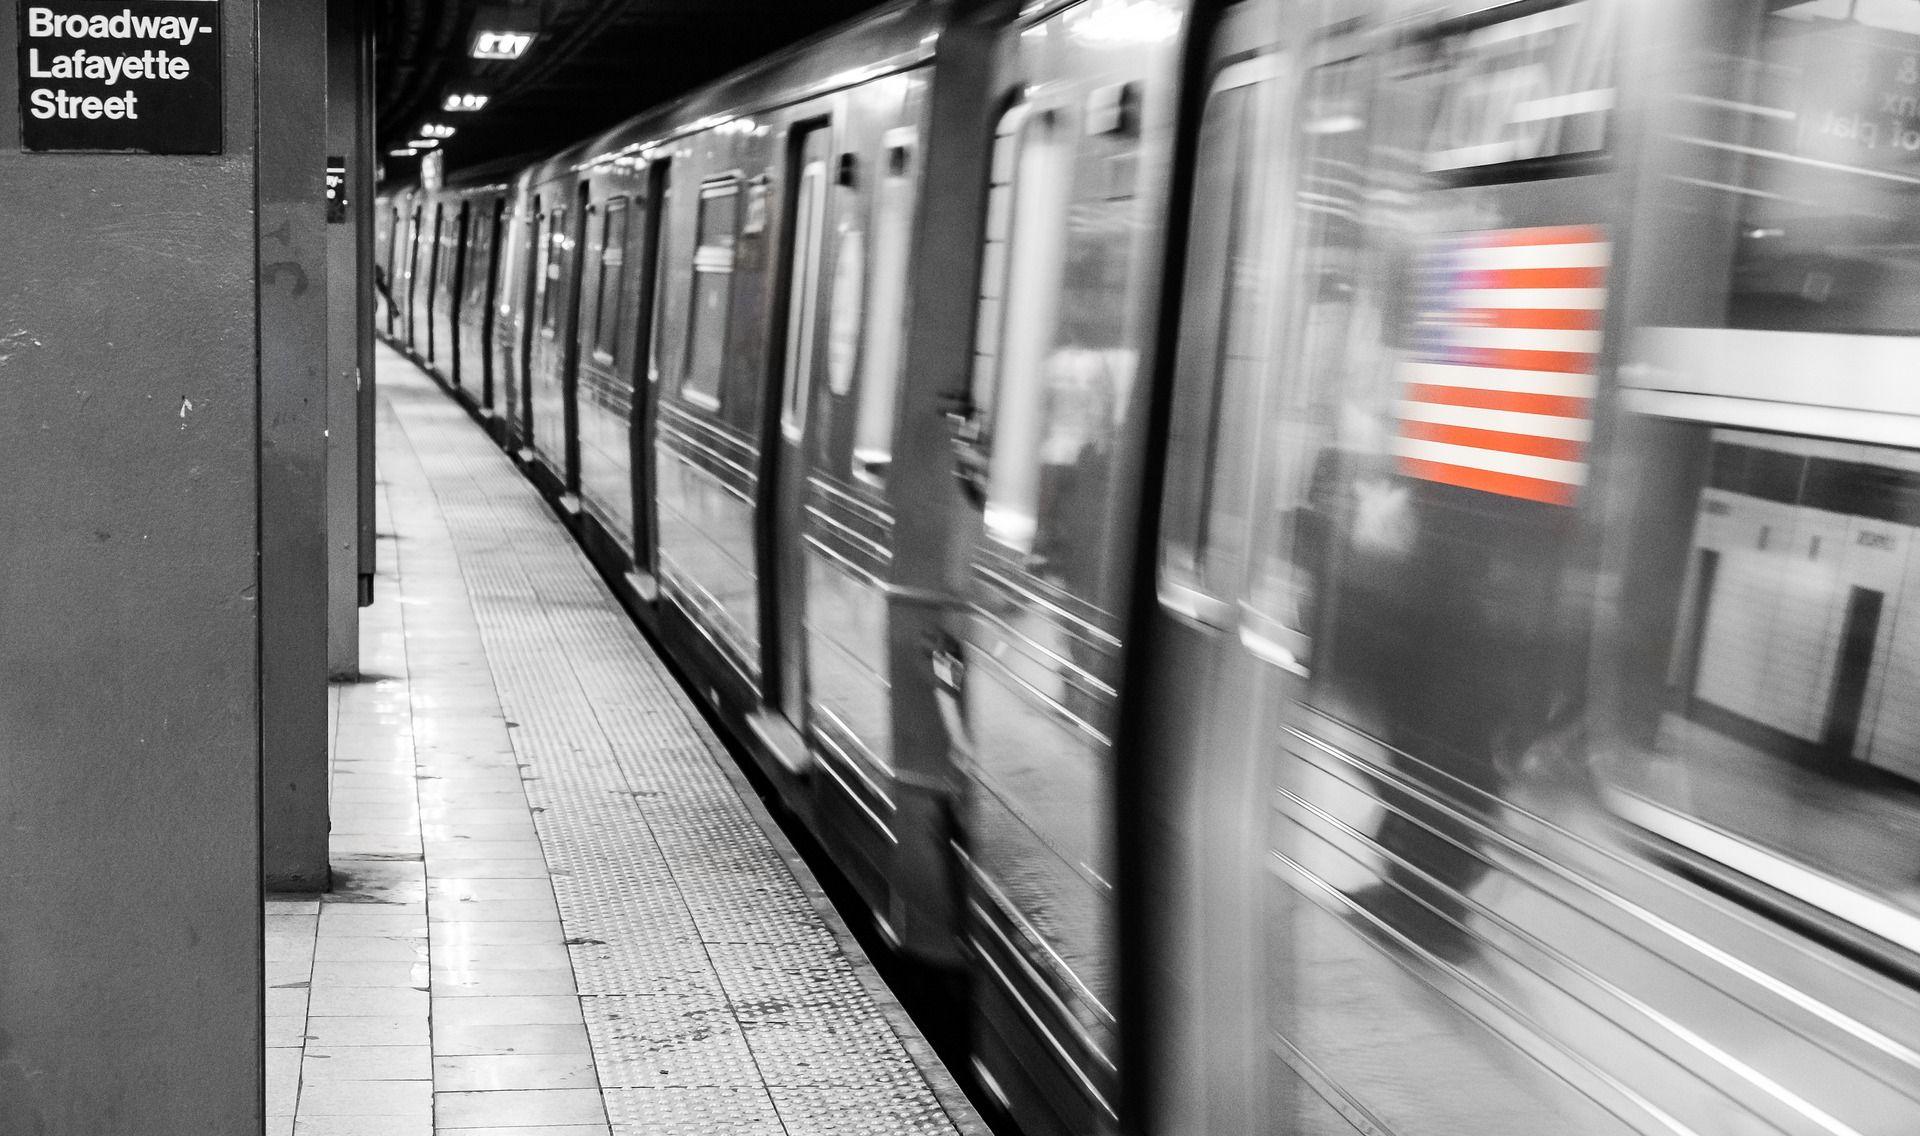 Žena ženu gurnula pod newyorški podzemni vlak, preminula na mjestu